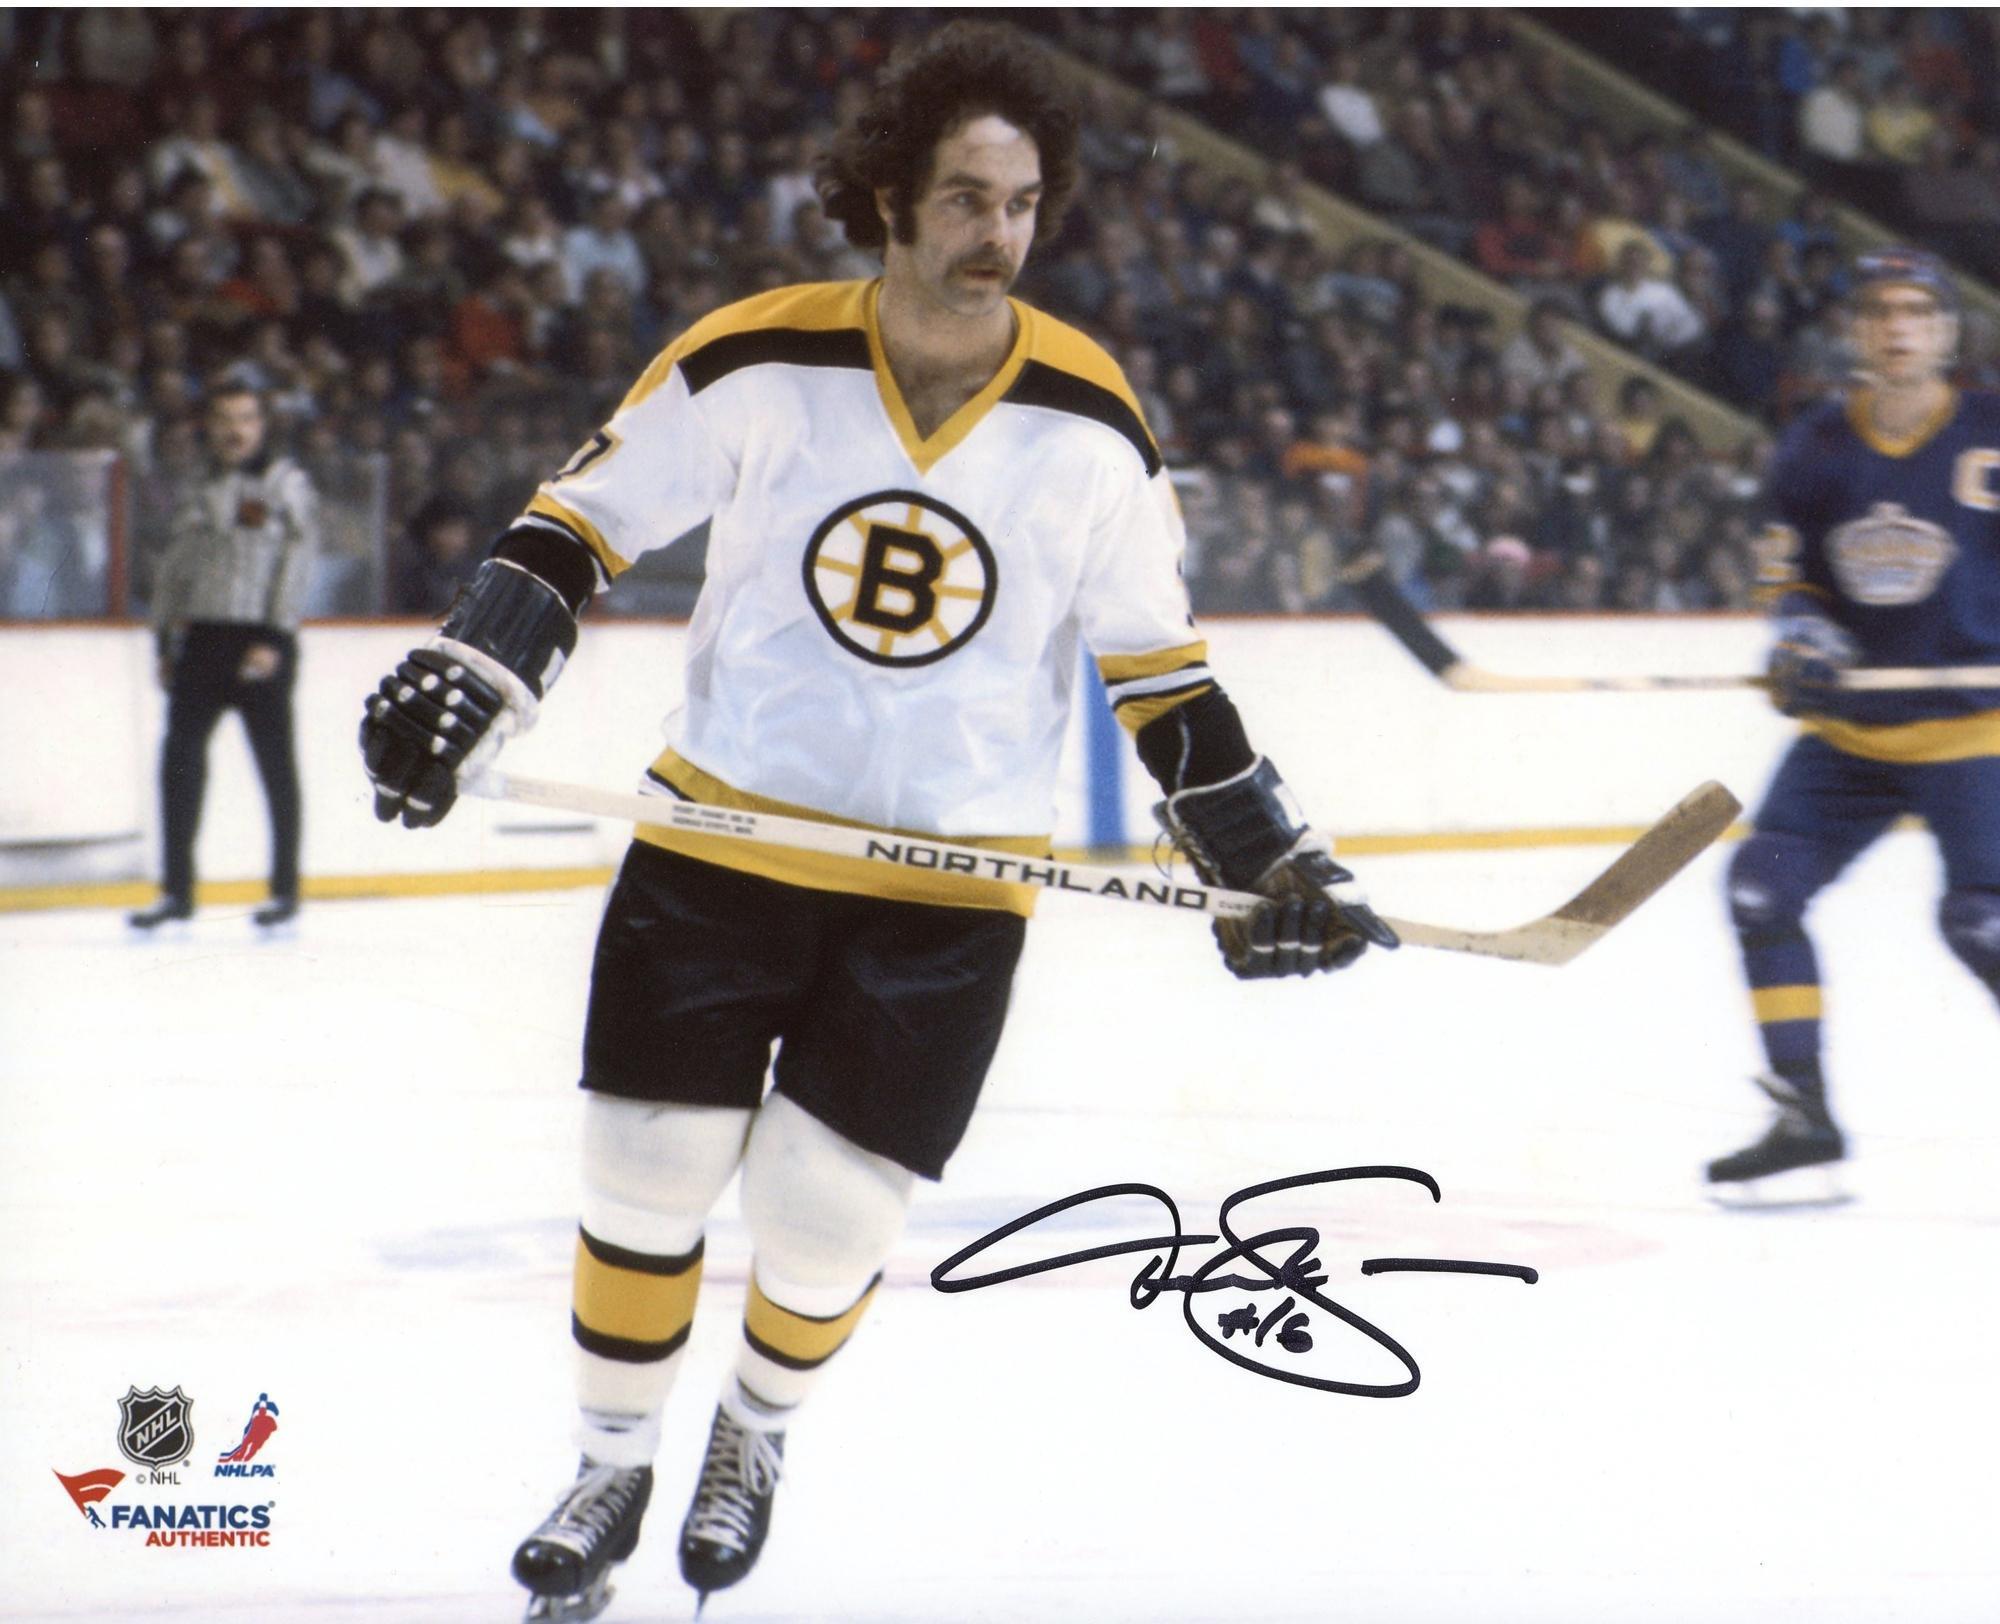 """Derek Sanderson Boston Bruins Autographed 8"""" x 10"""" White Horizontal Photograph Fanatics Authentic Certified"""